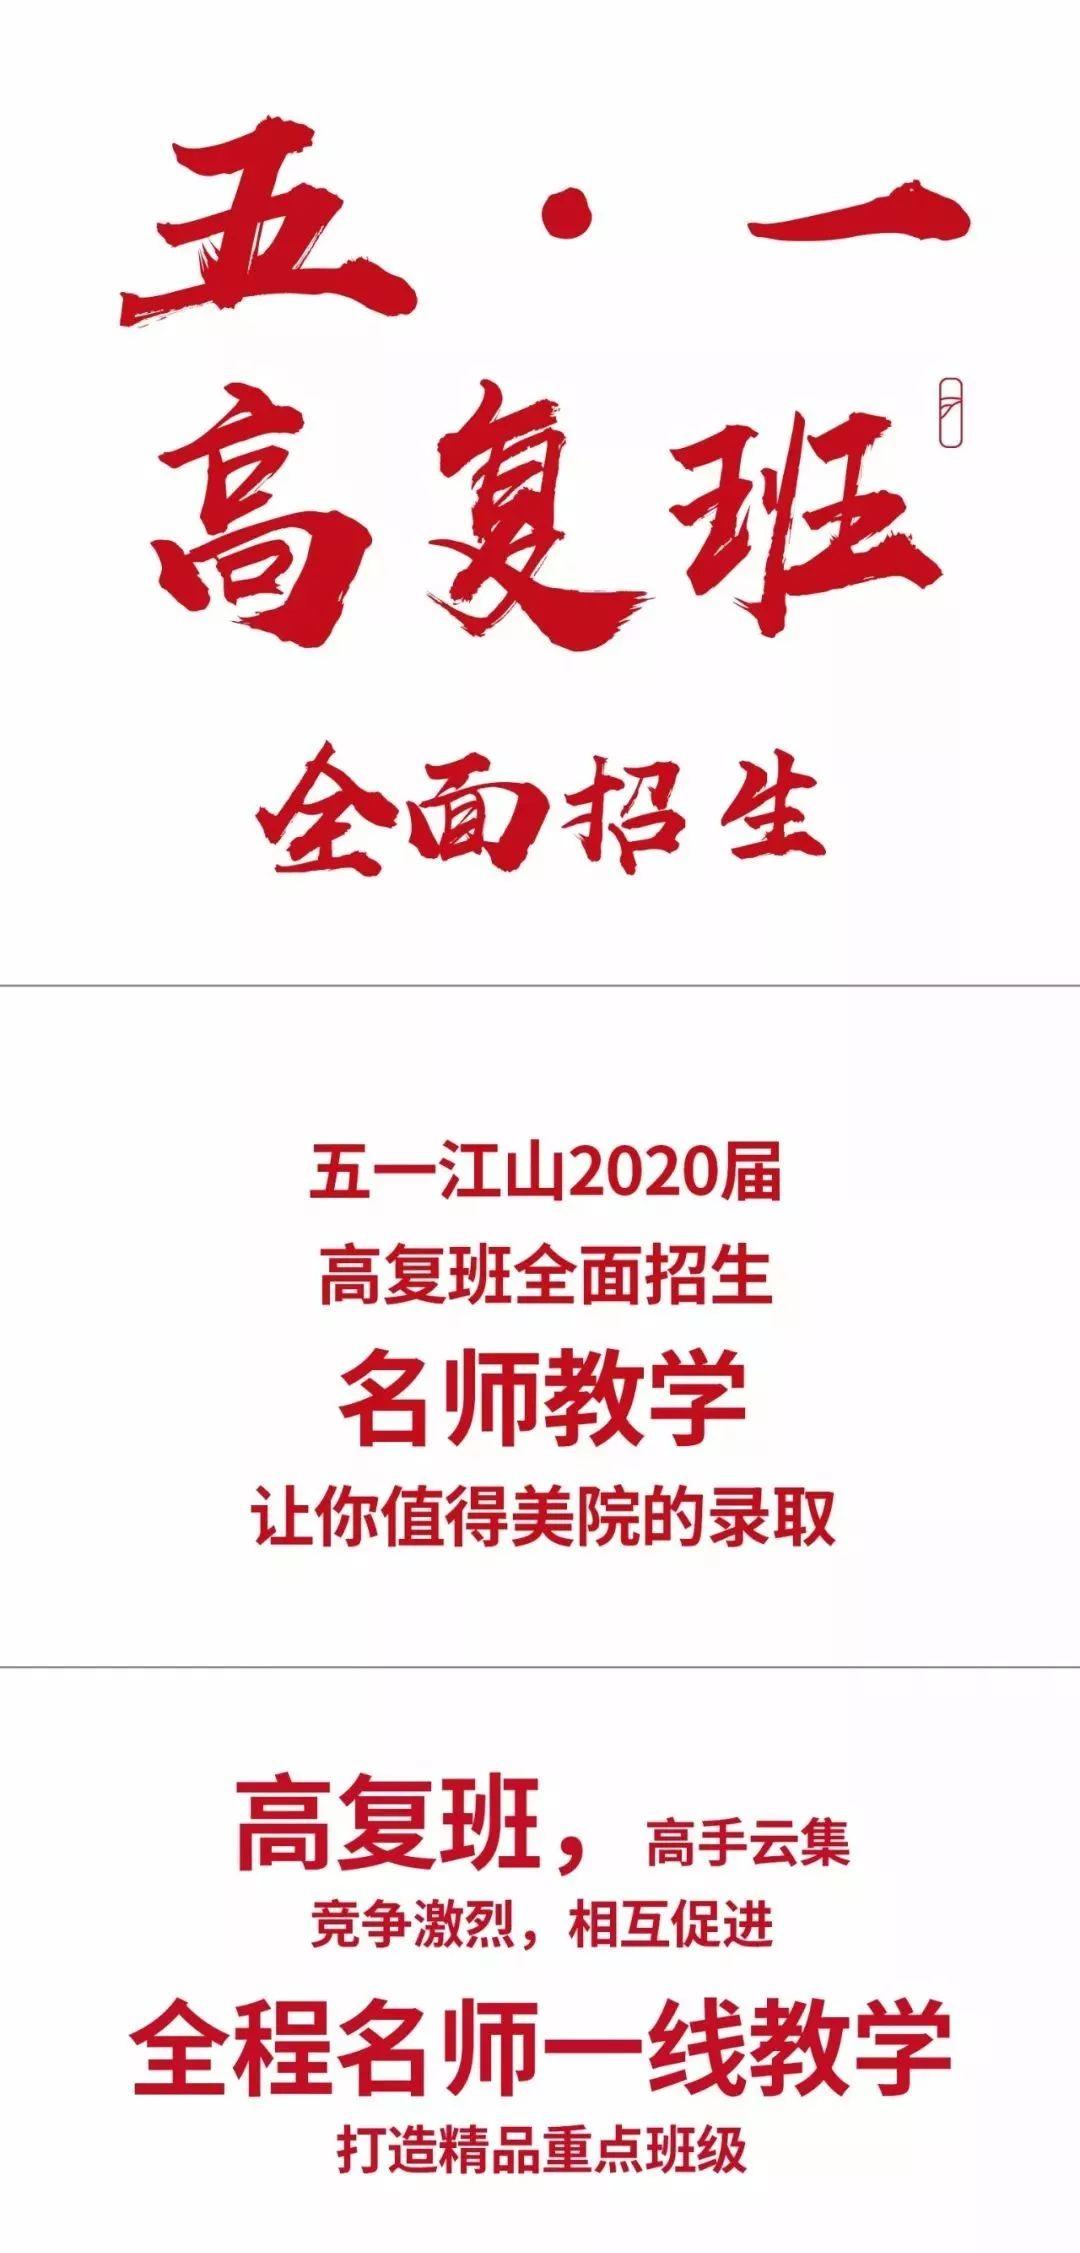 江山高复班全面招生,学费全免加每月助学金!江山豪掷10万元奖2020届状元